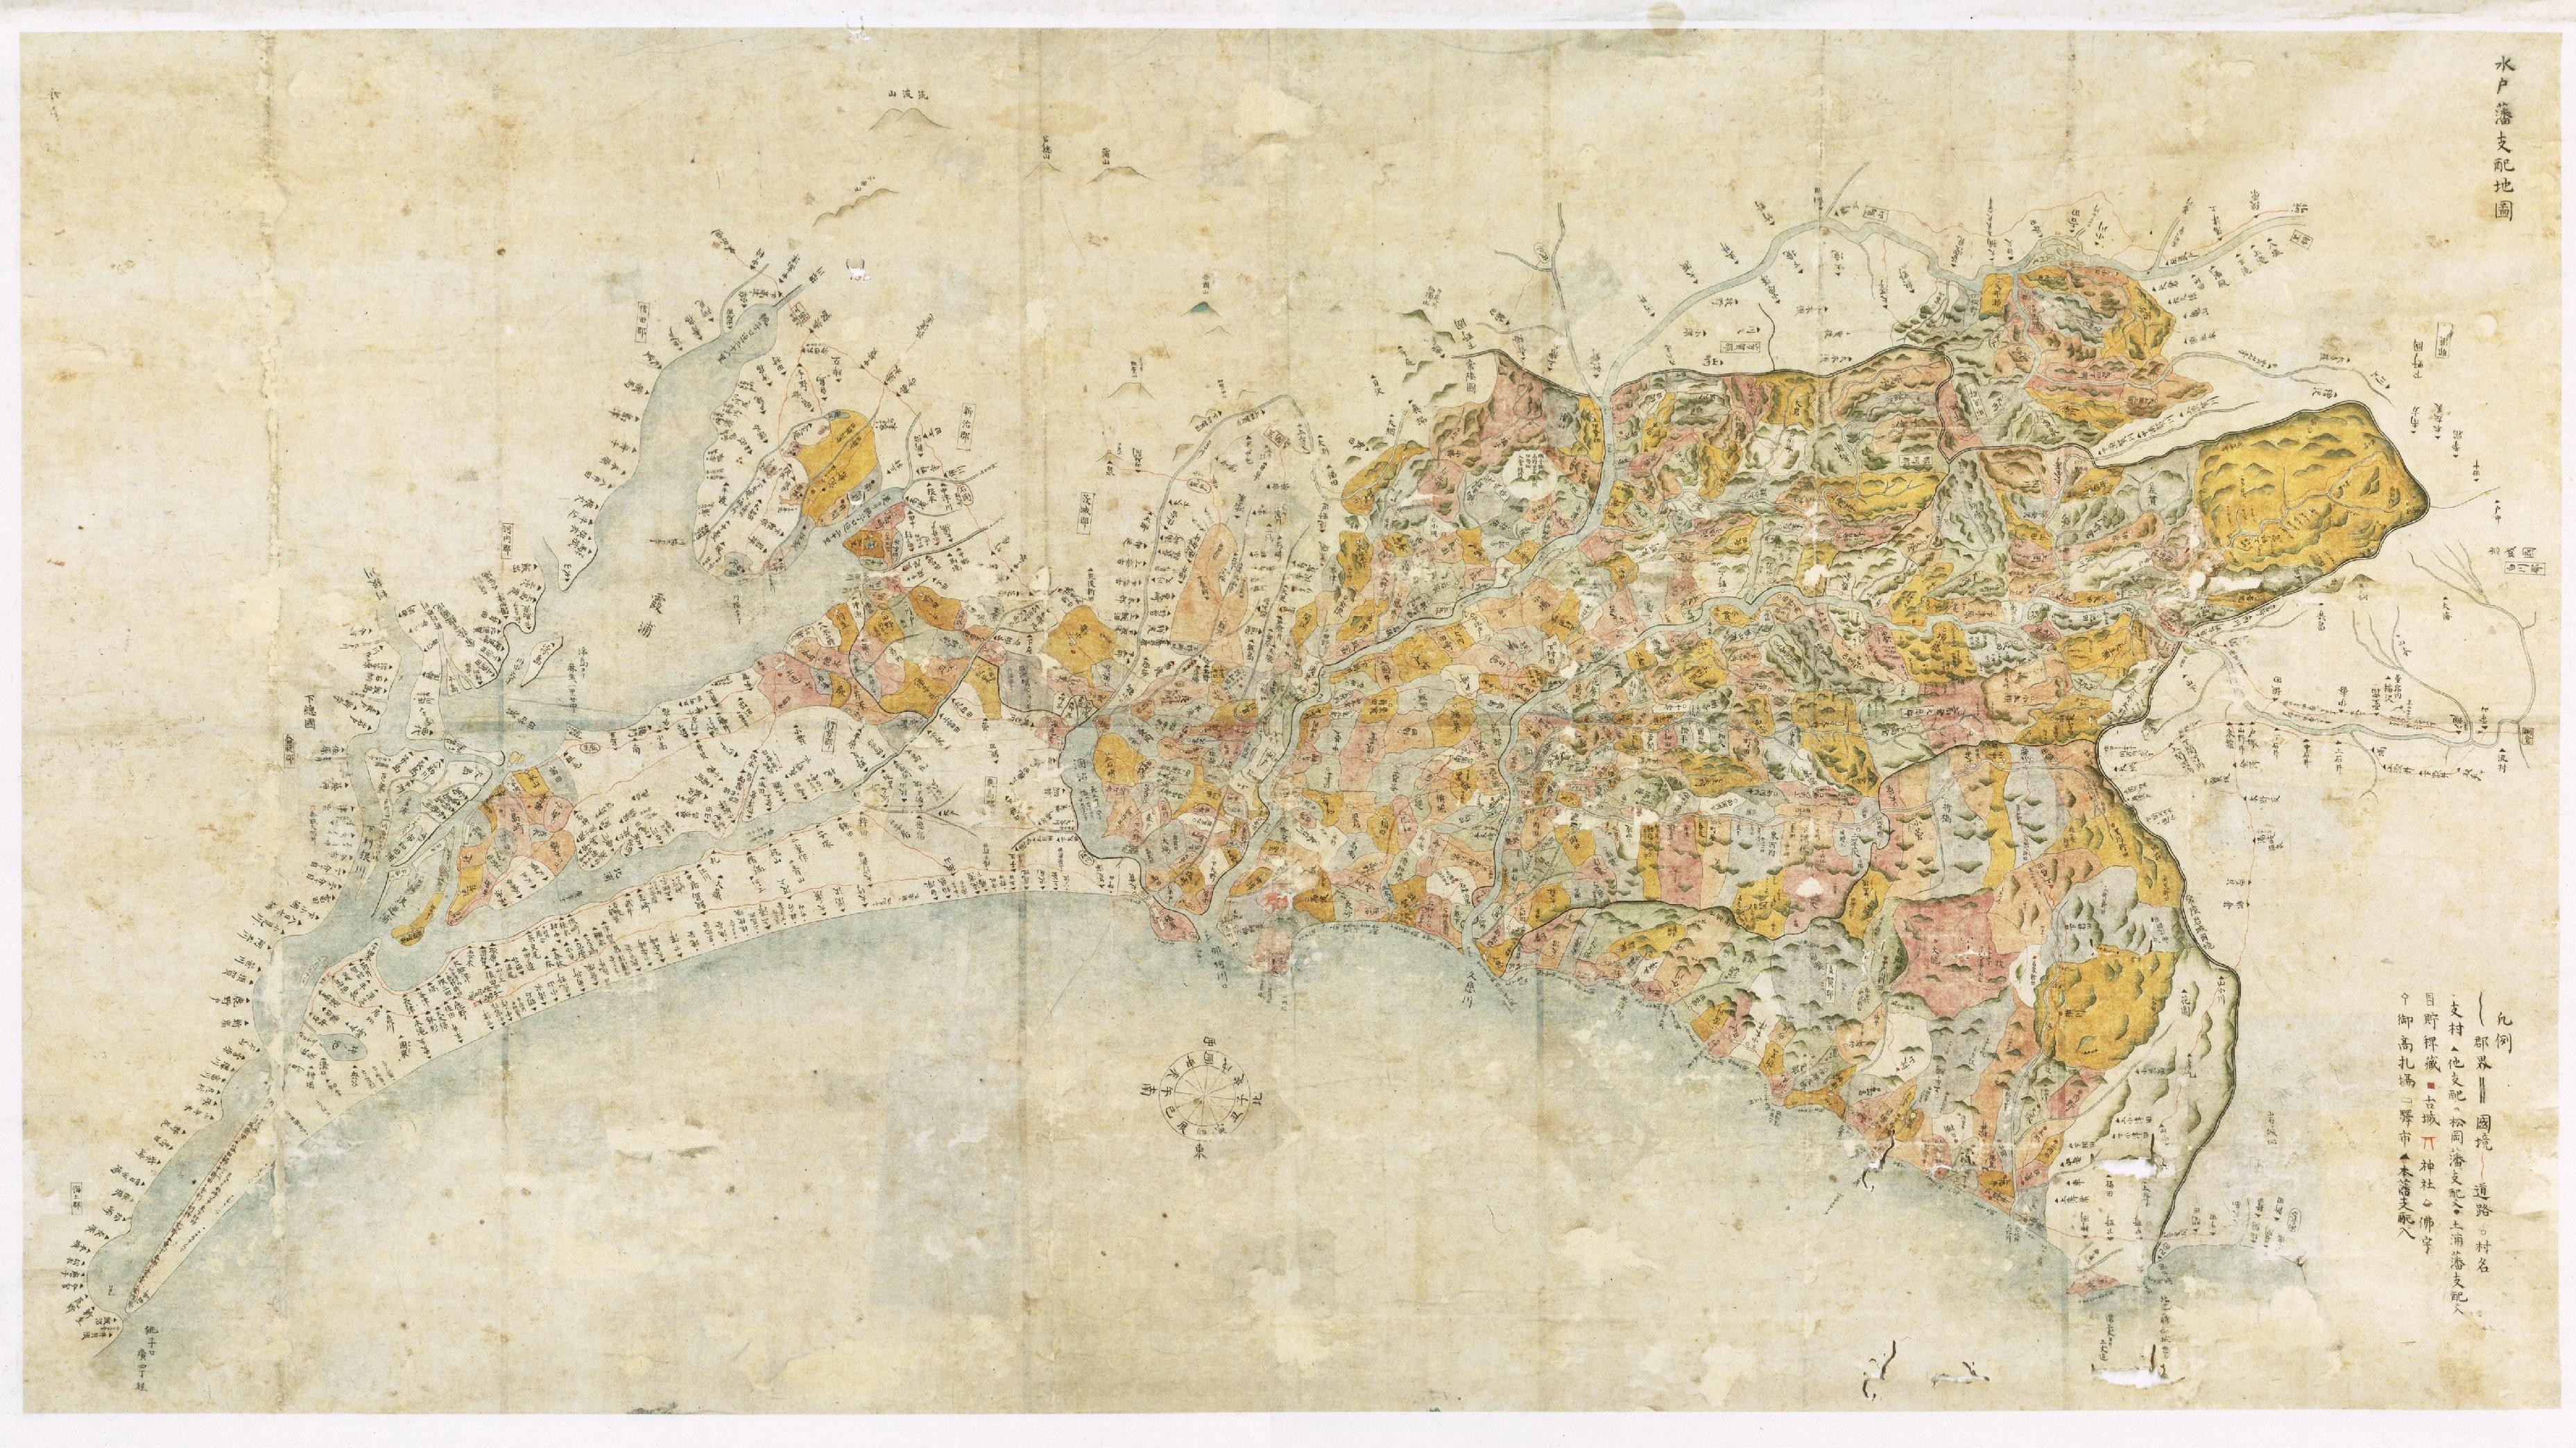 水戸藩支配地図 | 茨城県立図書館デジタルライブラリー